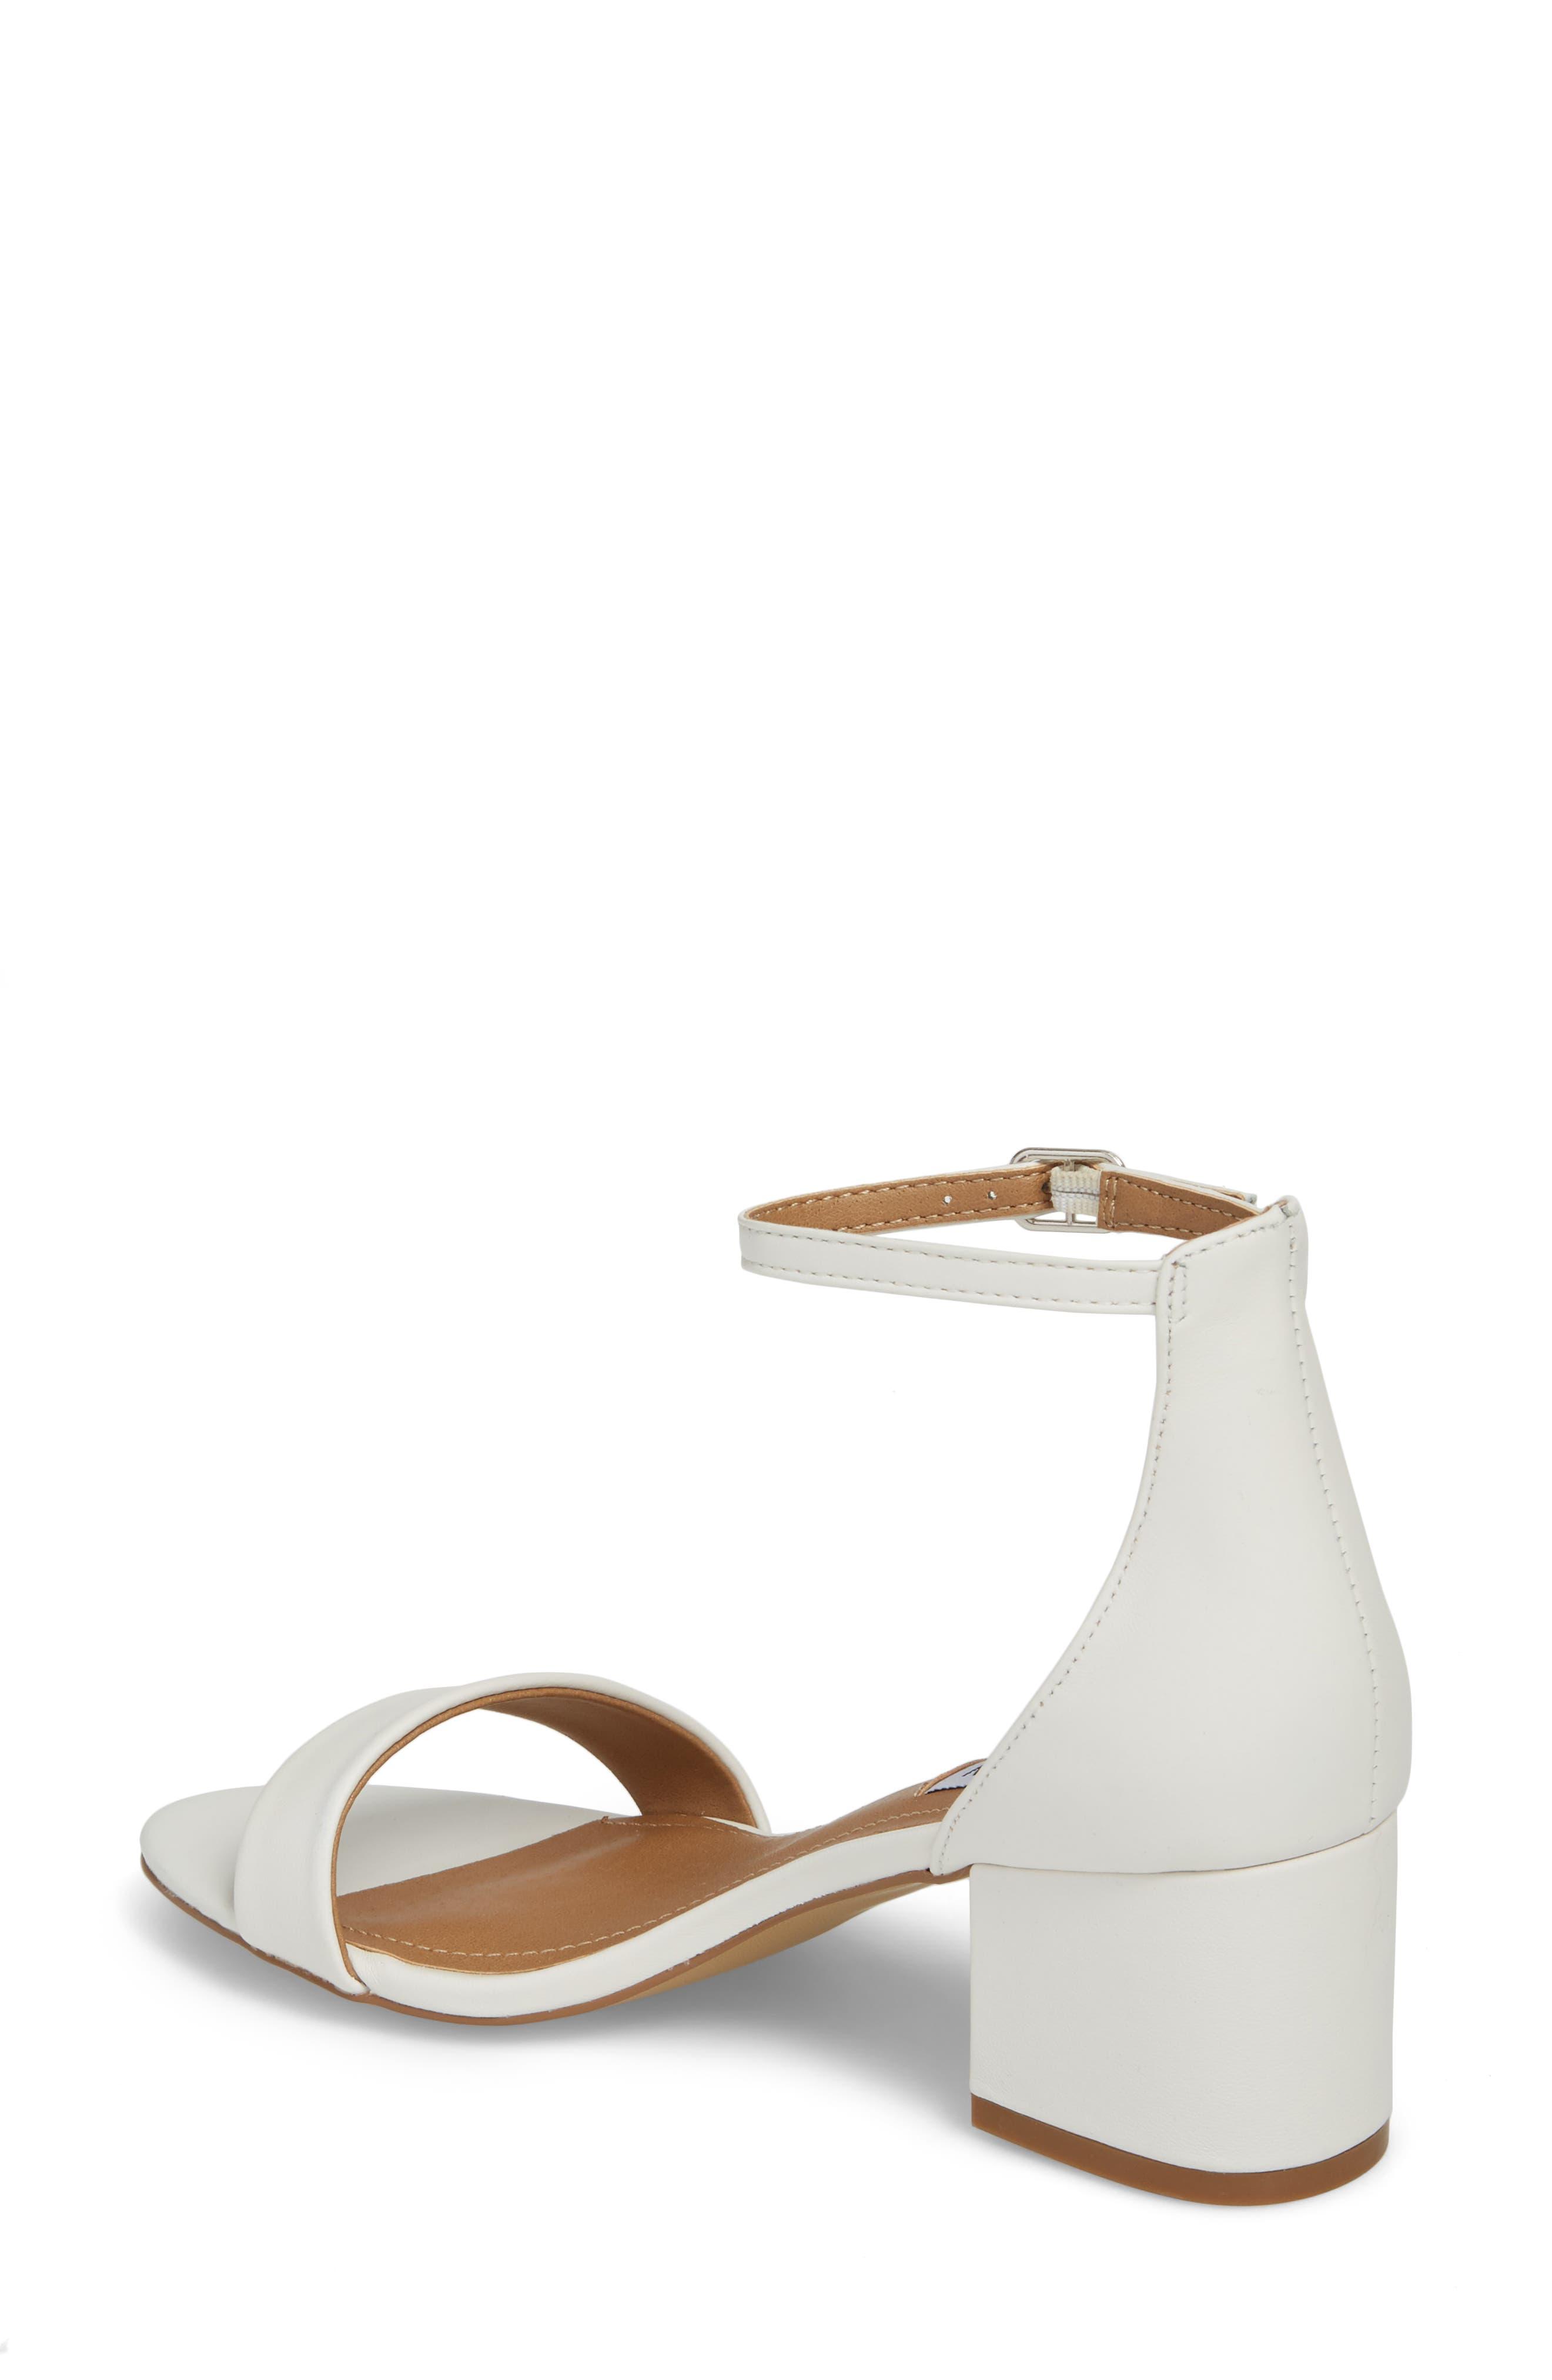 Irenee Ankle Strap Sandal,                             Alternate thumbnail 35, color,